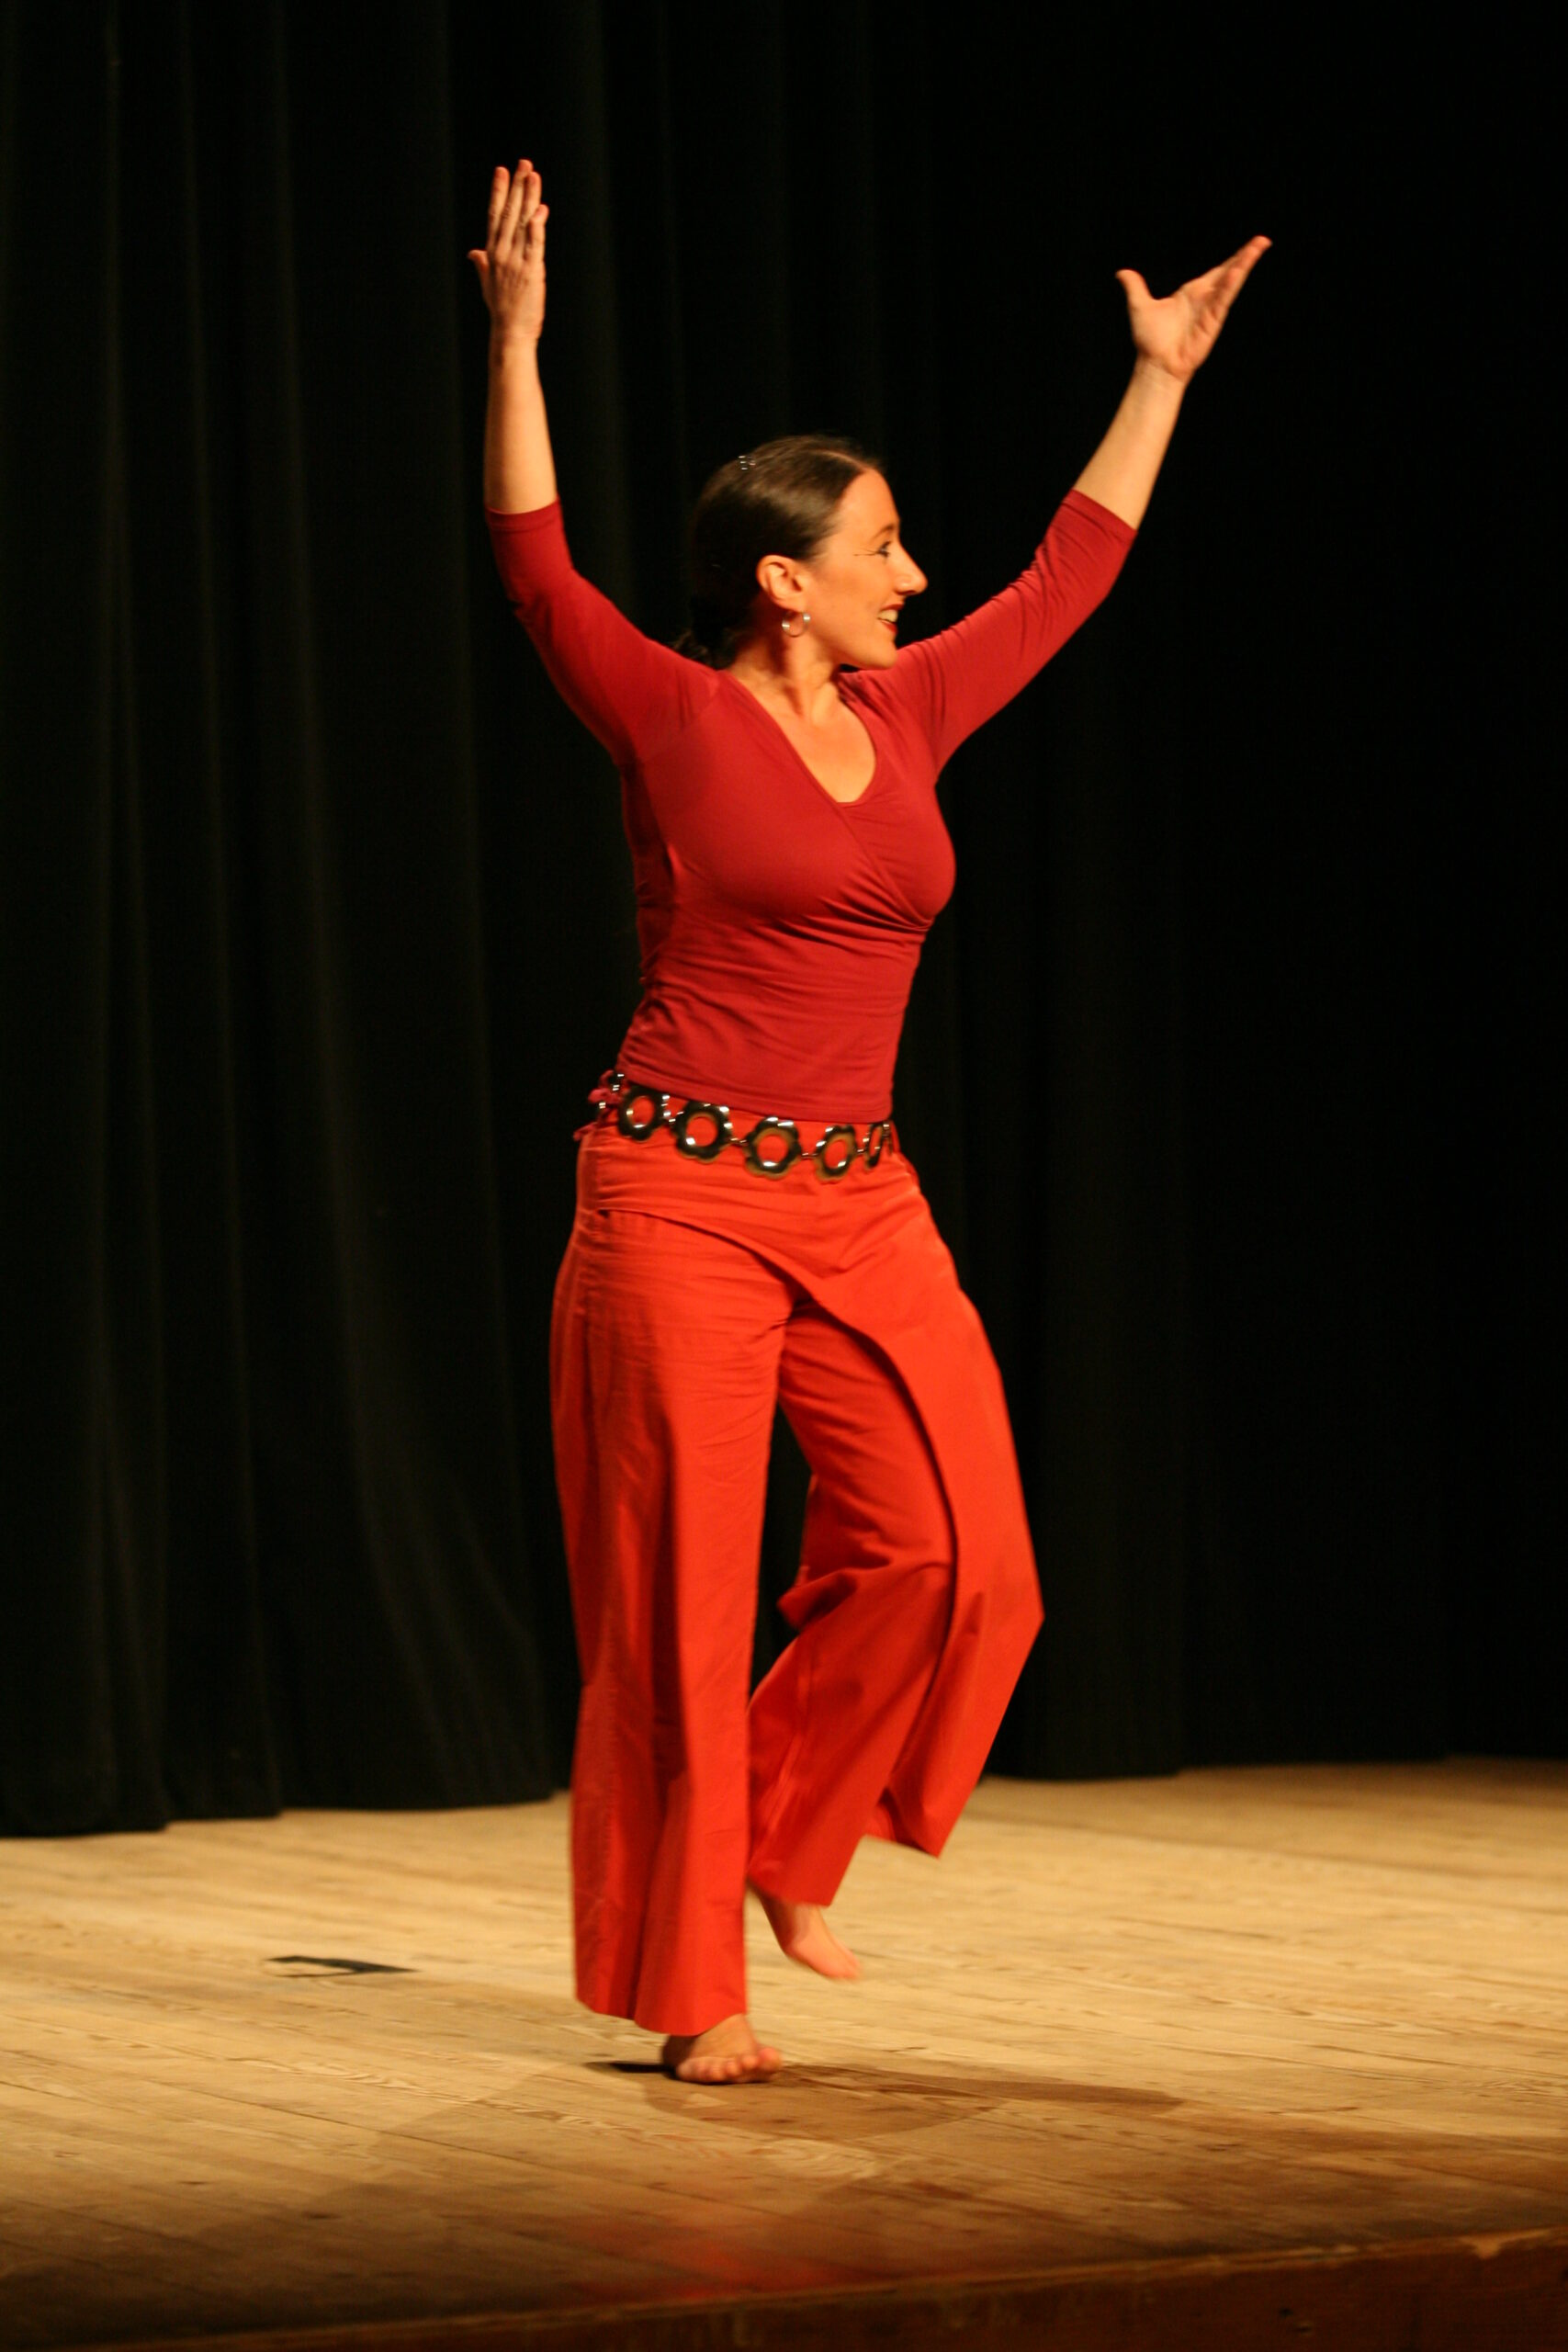 Nathalie Le Boucher - Danseuse & conteuse © Fabrice Le Boucher